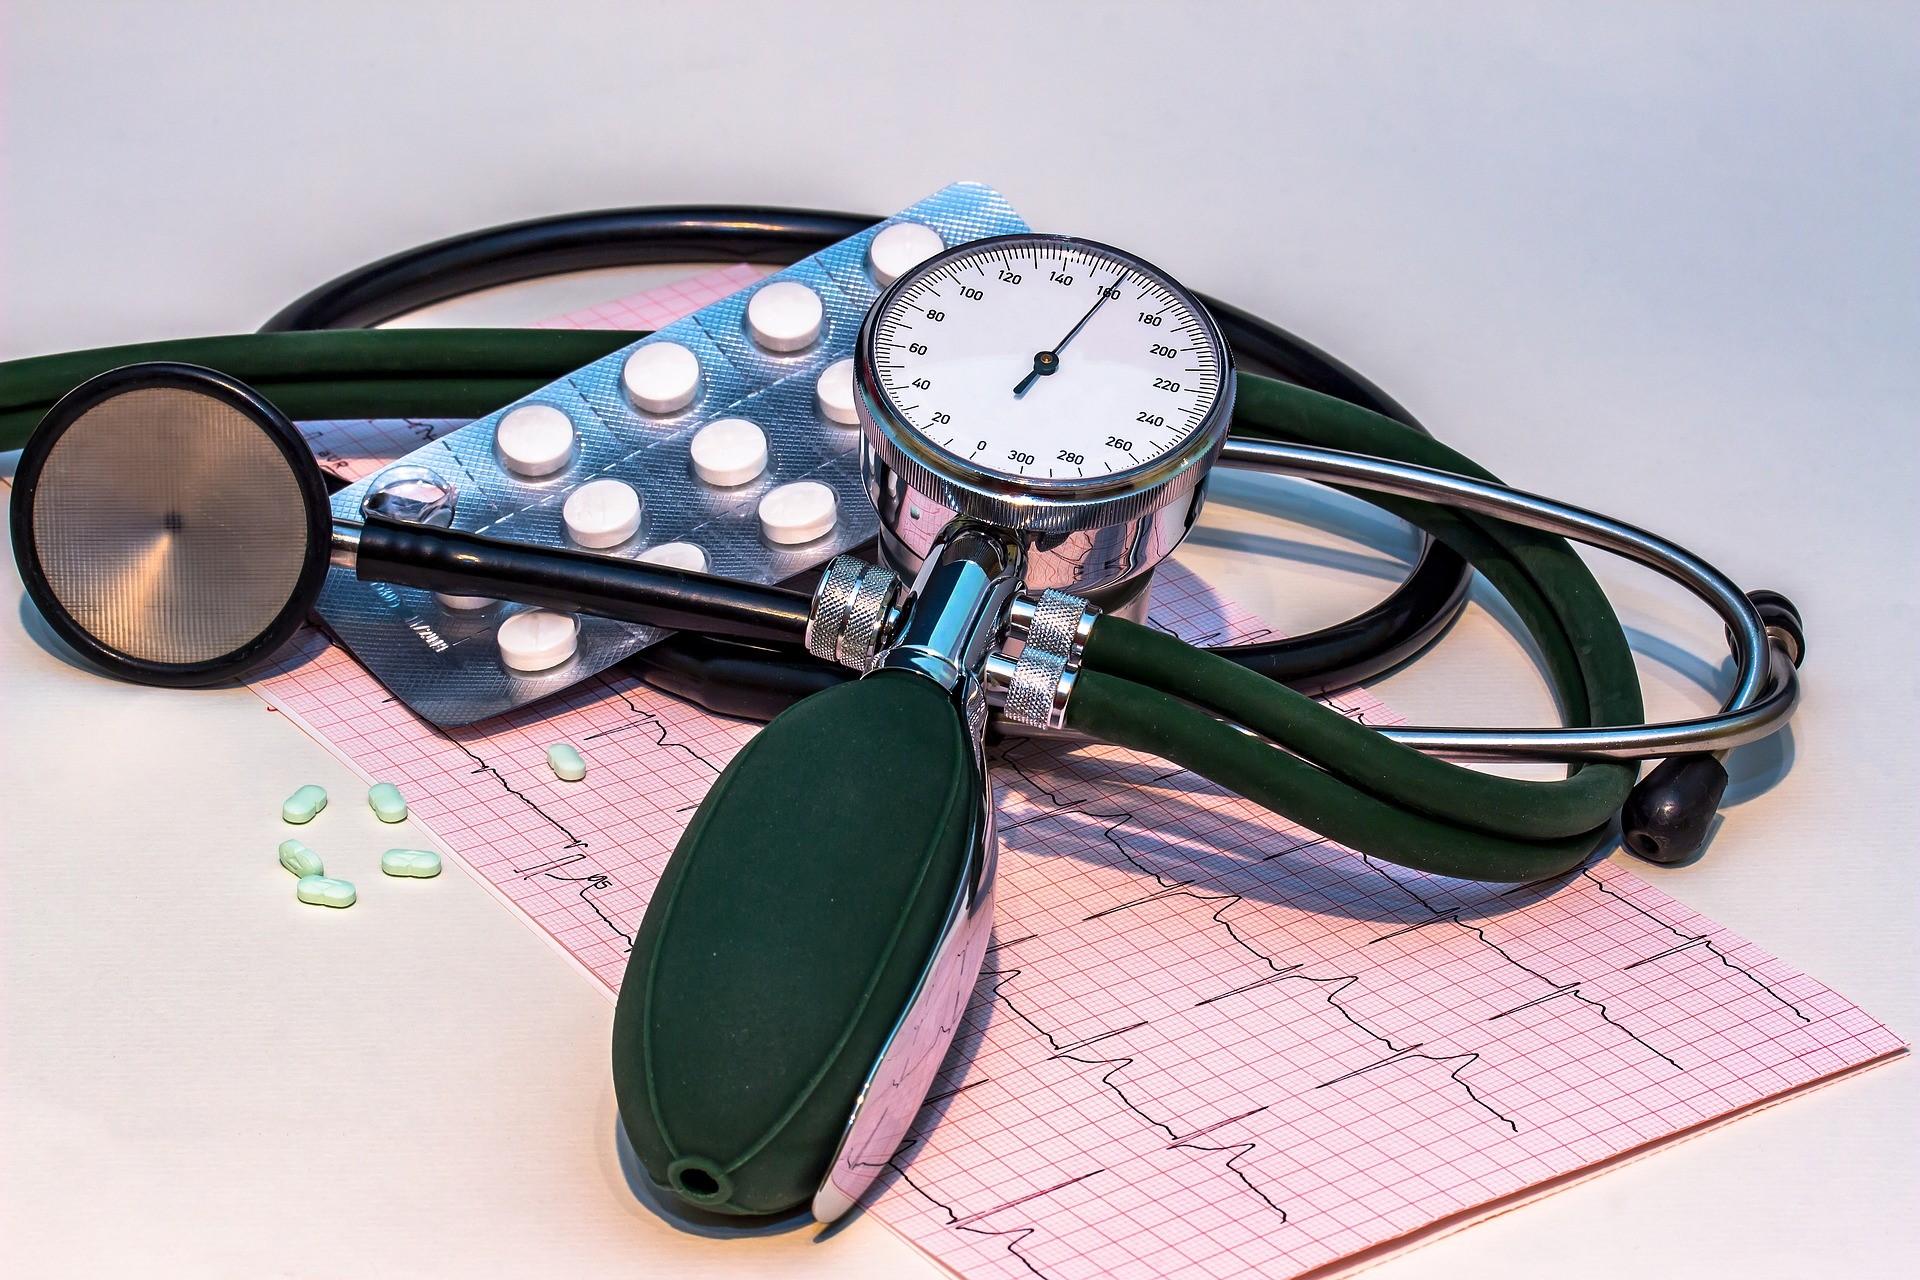 skydliaukė ir hipertenzija produktų, kuriuos leidžiama gydyti hipertenzija